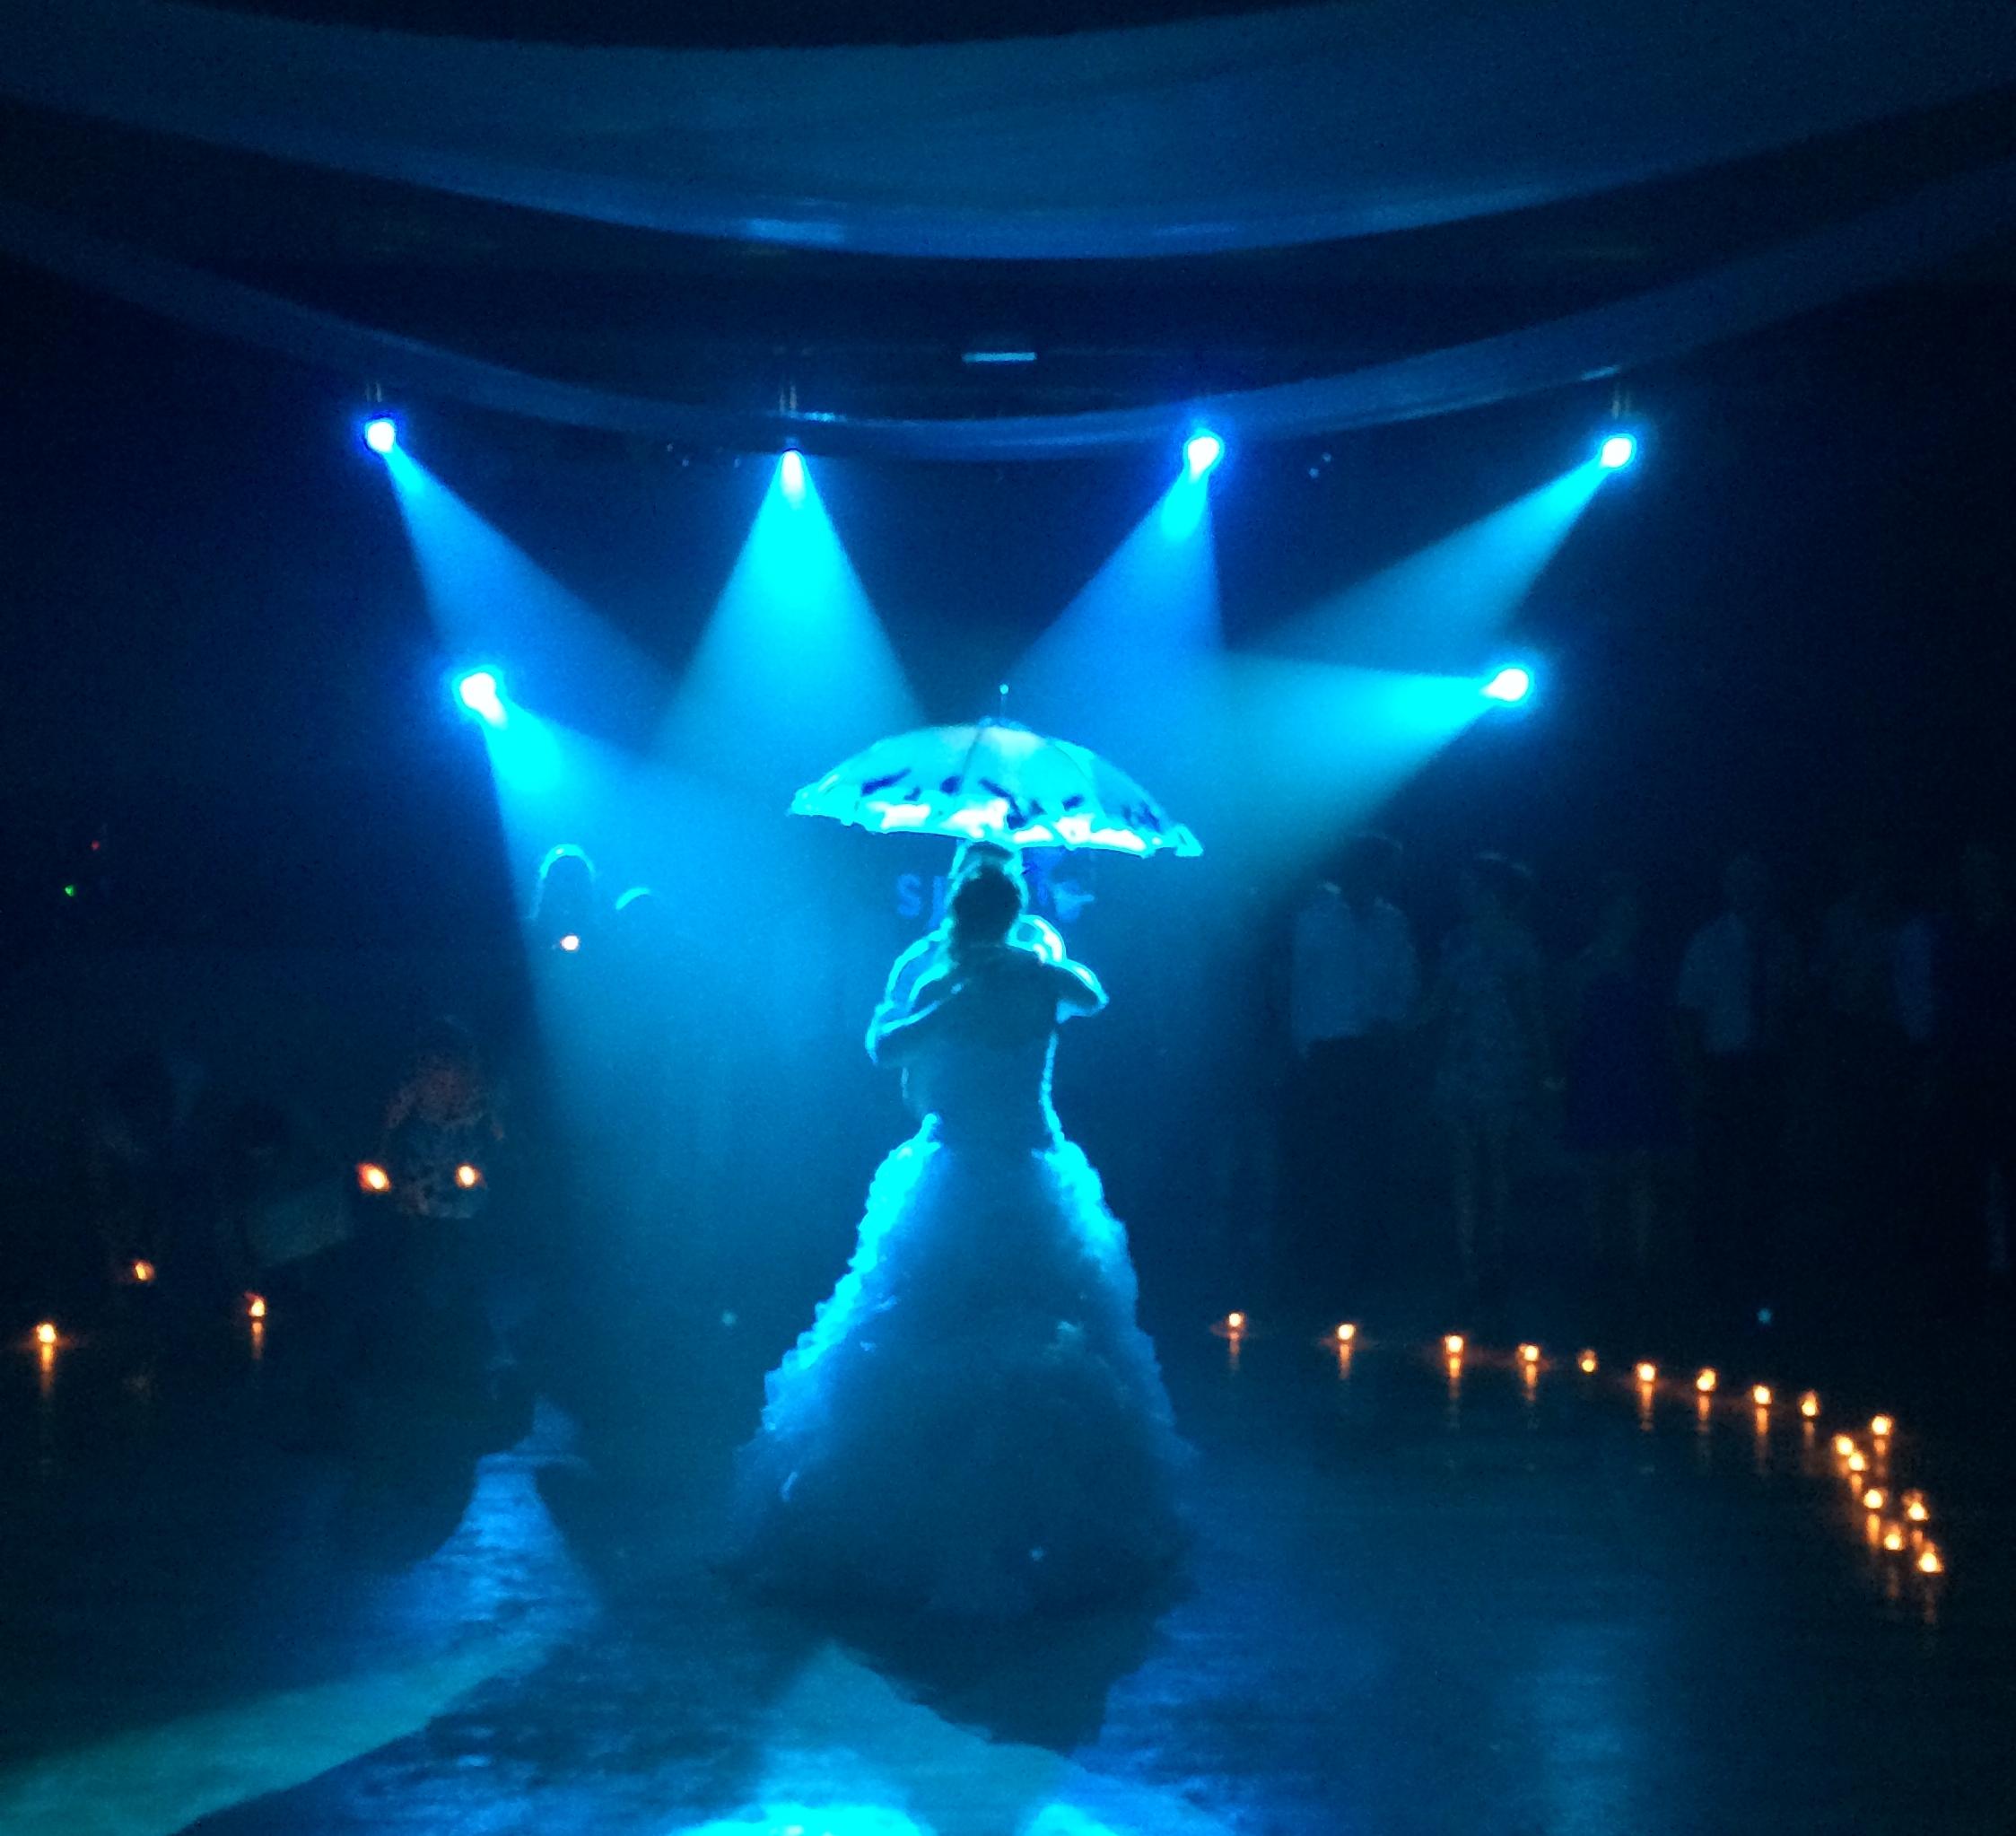 danse du parapluie - Dj Mariage Vende